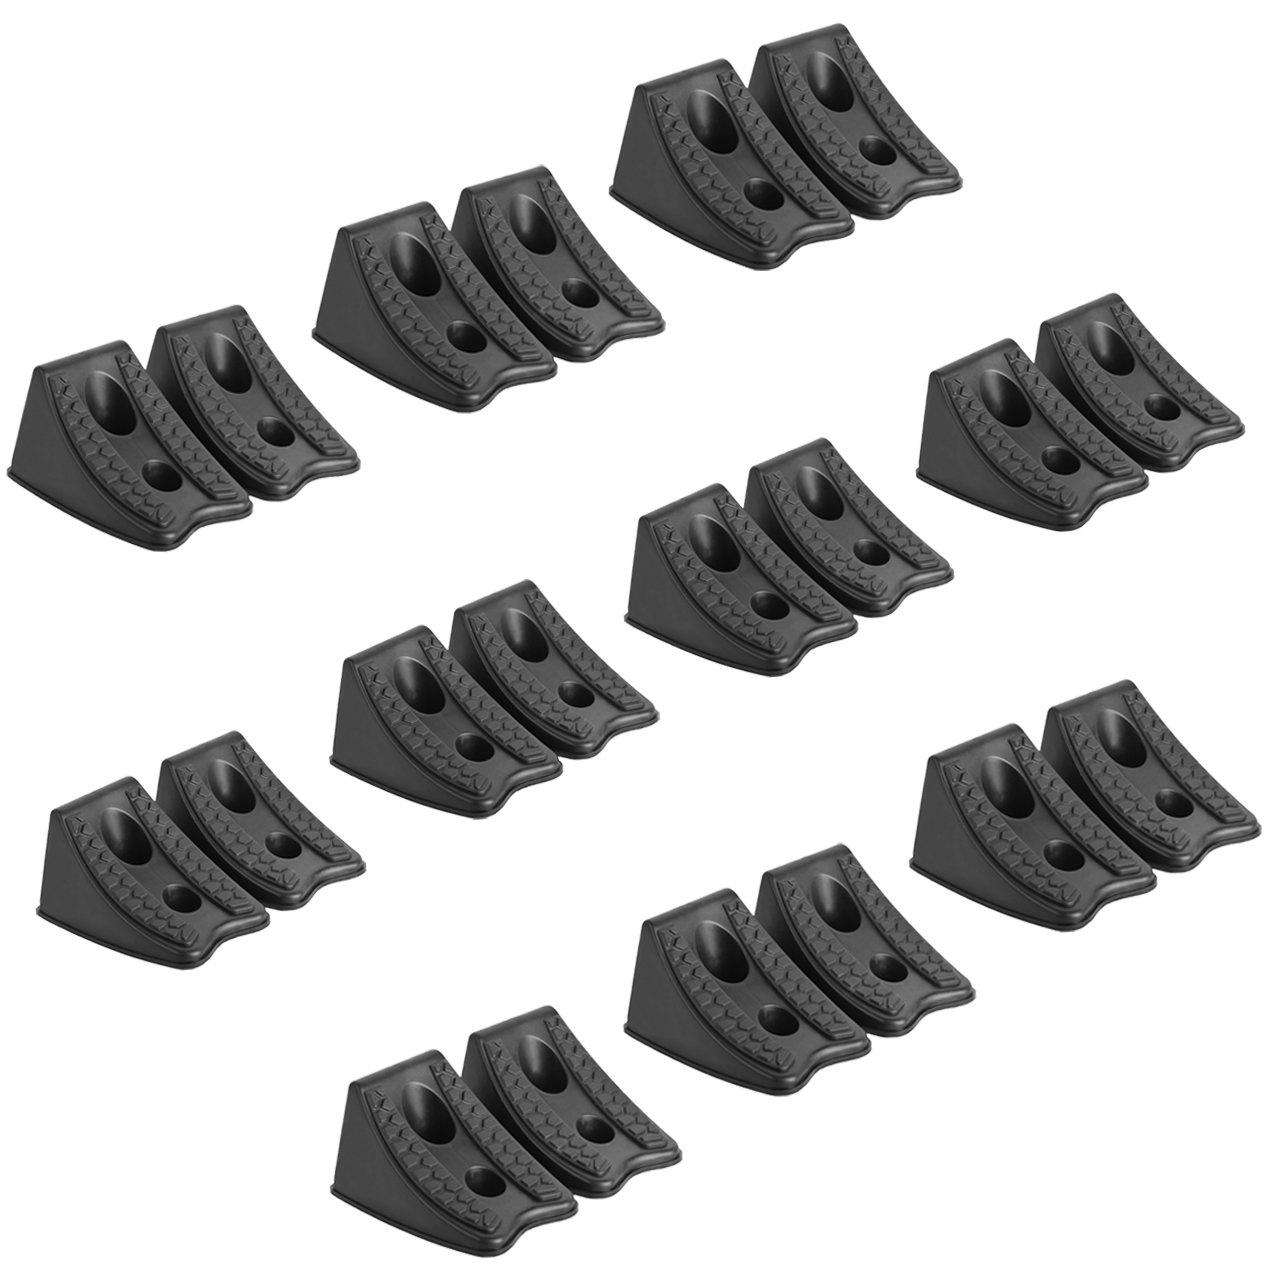 DEDC Heavy Duty Wheel Chocks for Caravan Car Wheel Stoppers (20pcs)